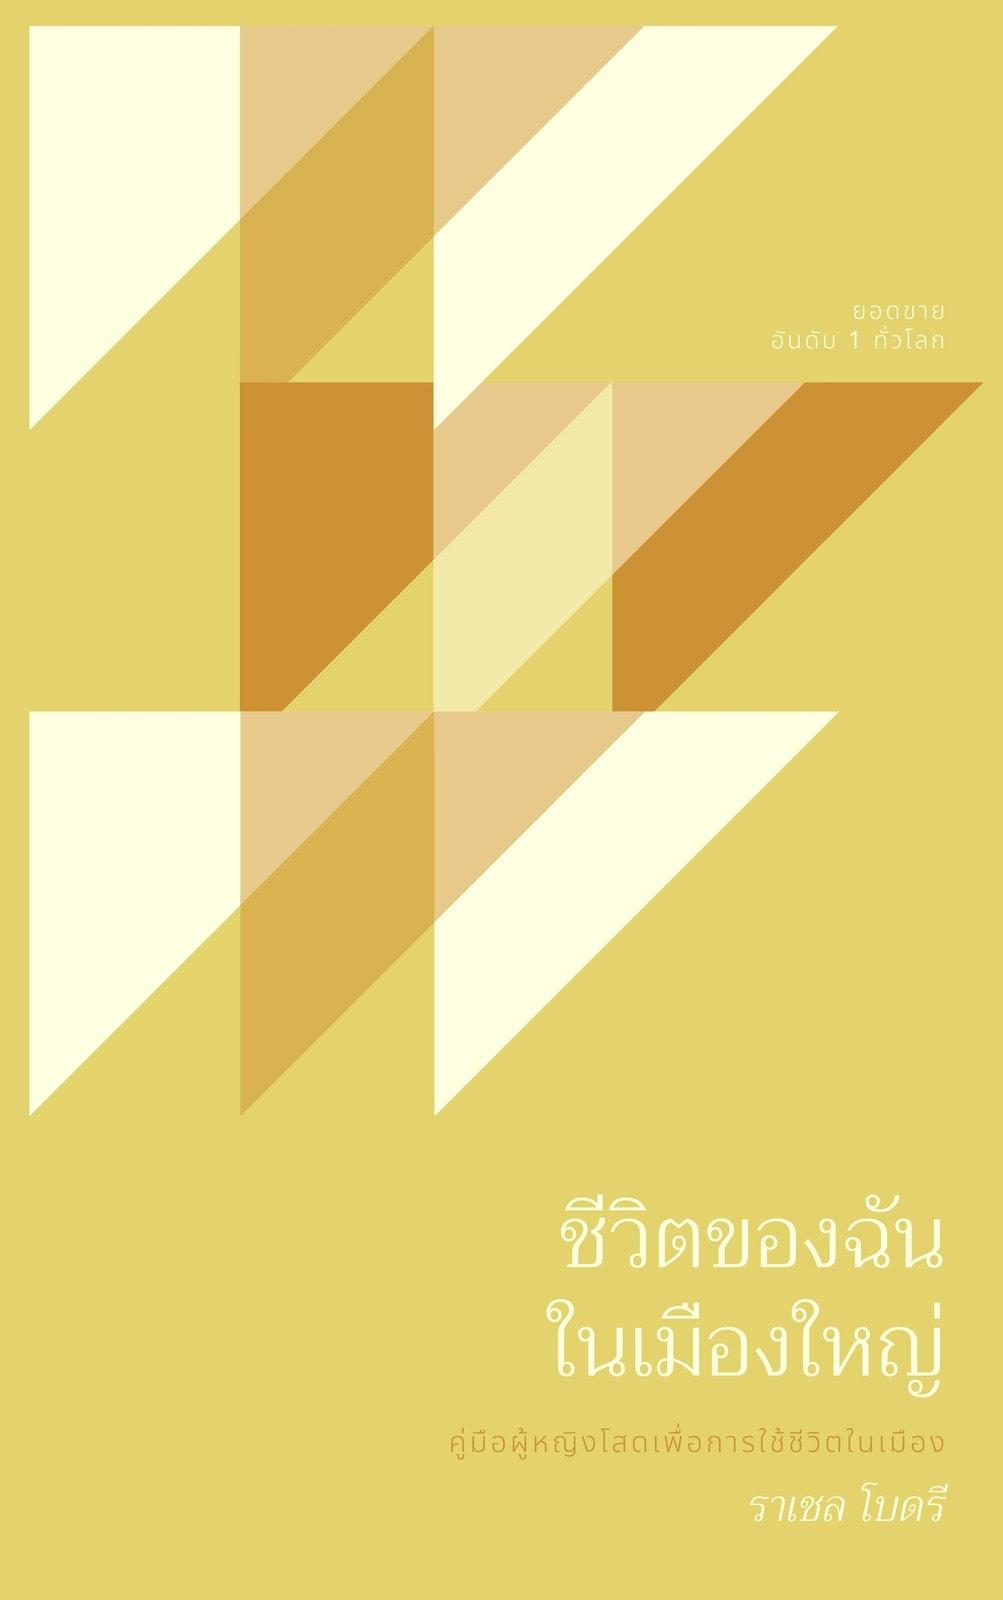 ปกหนังสือ ภาพปะติด สามเหลี่ยม เมือง สีเหลือง